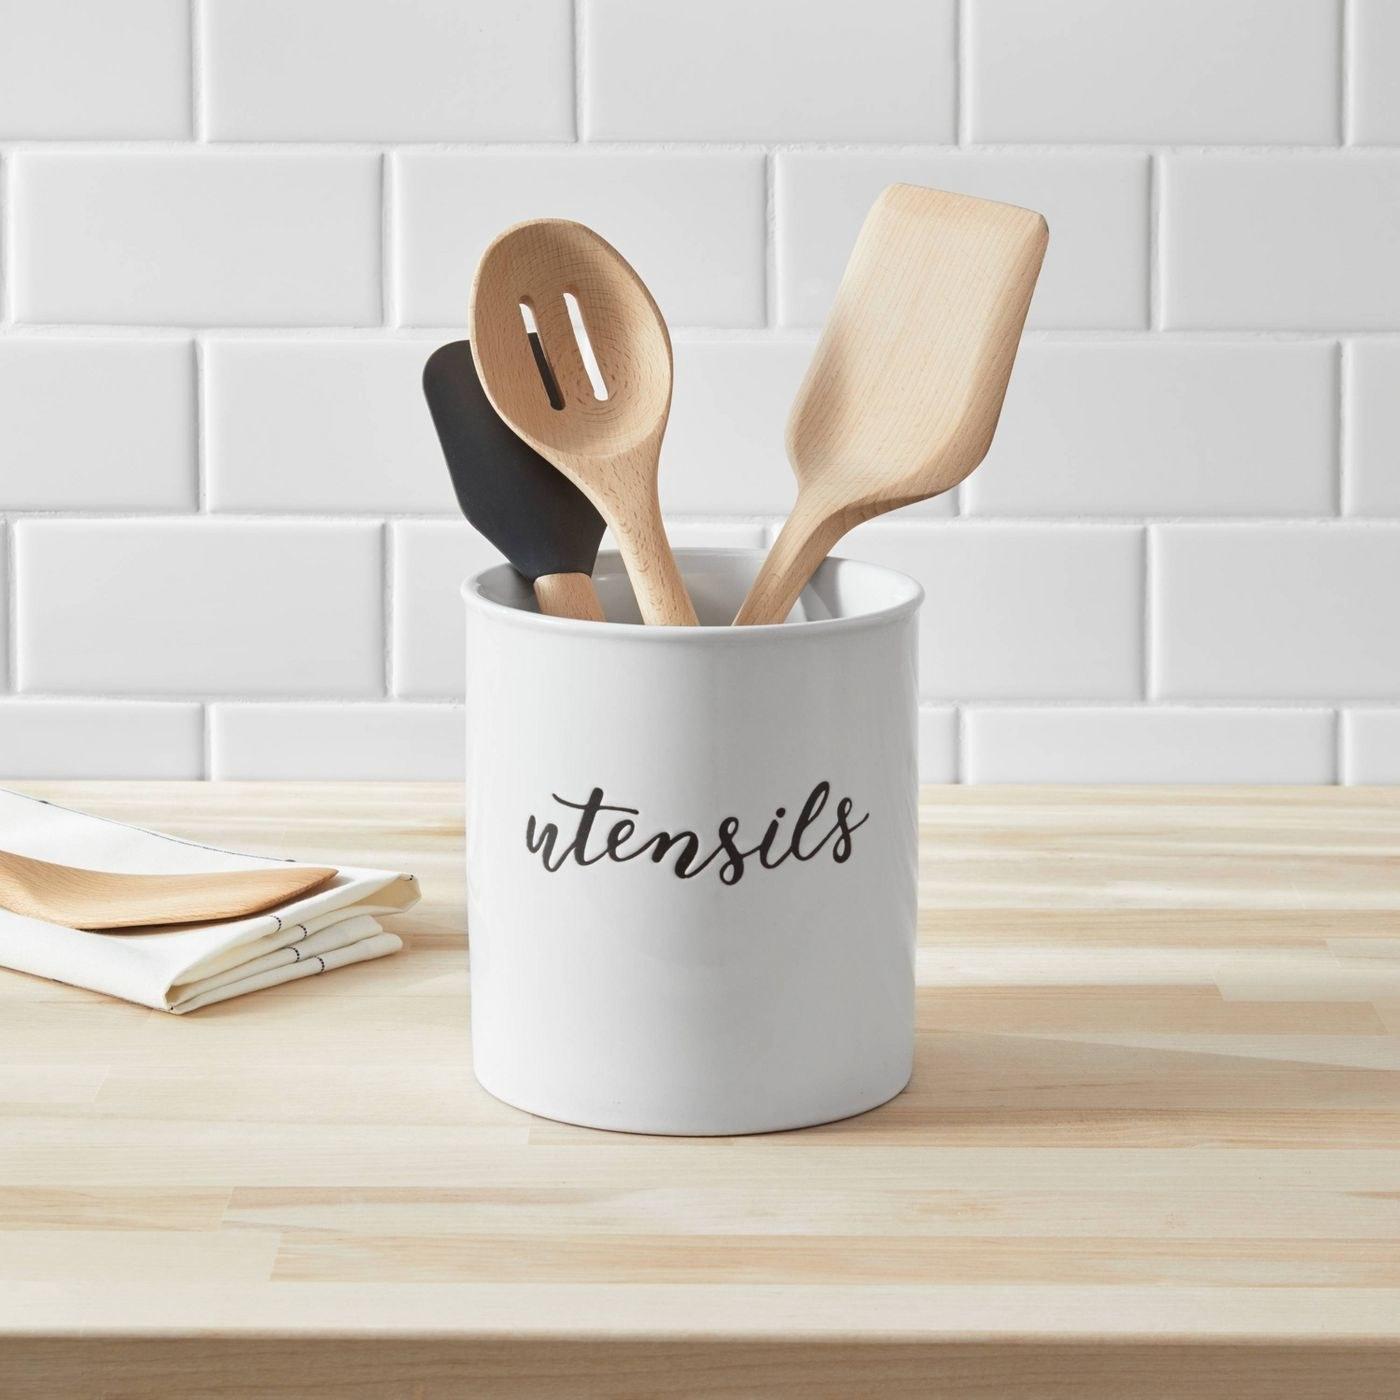 """white utensil holder with """"utensils"""" engraved on the front, holding wooden utensils"""